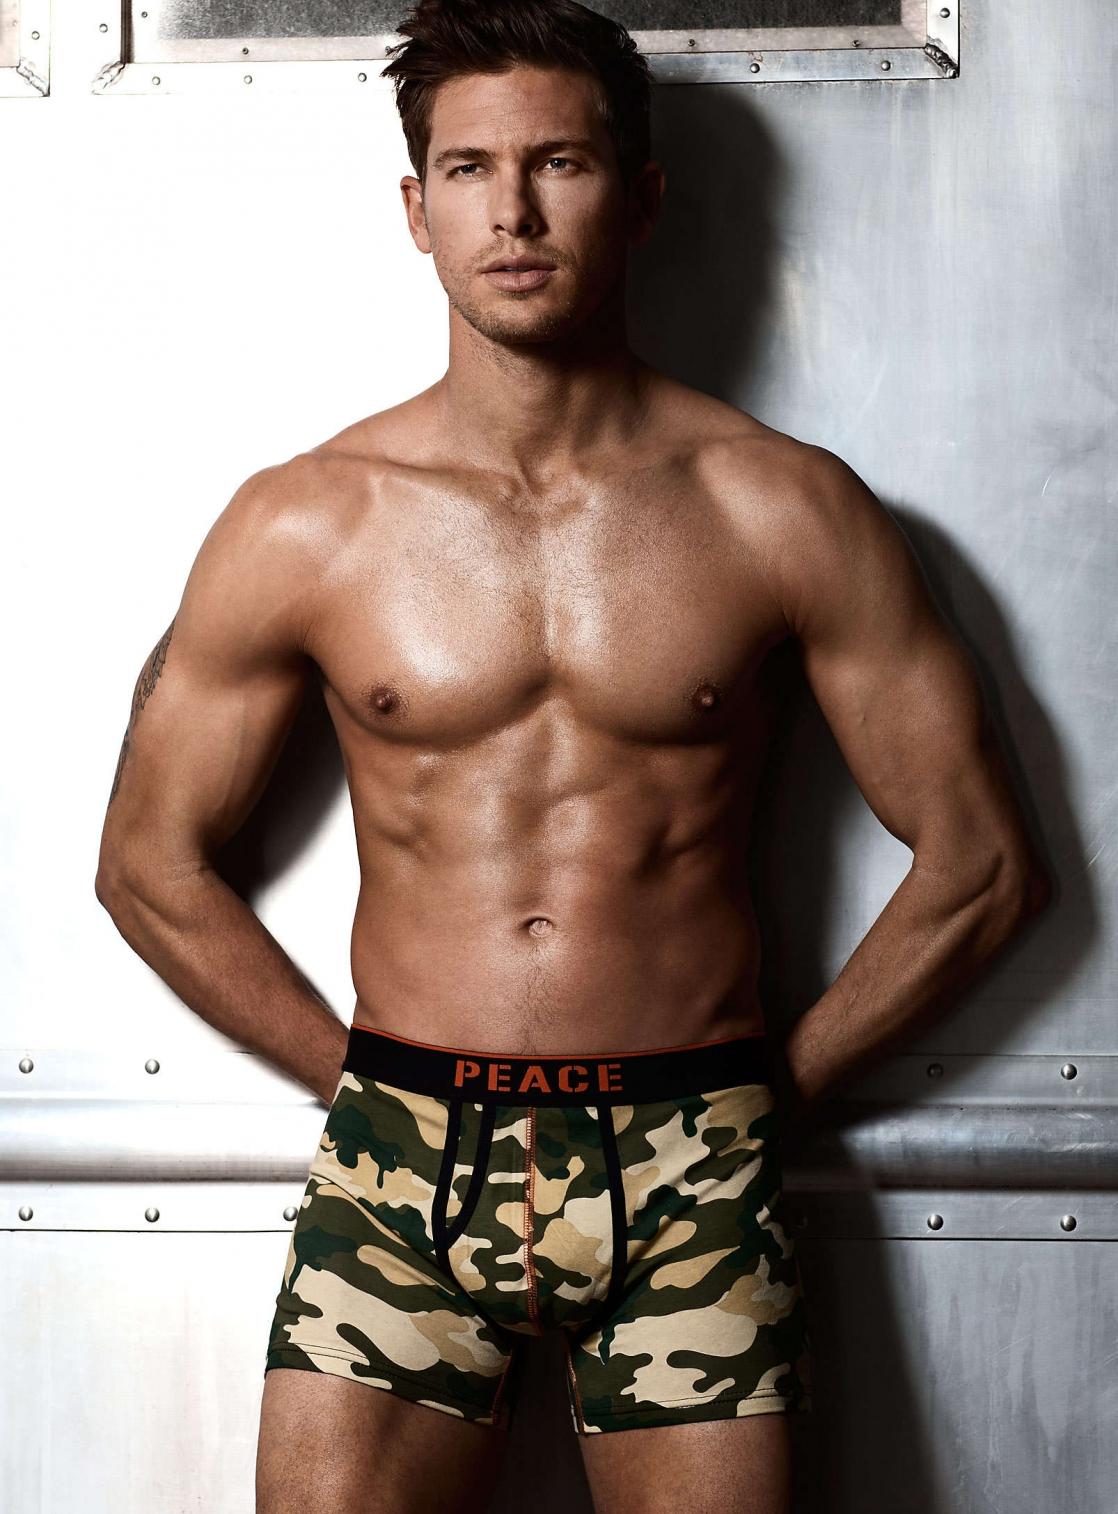 MOST BEAUTIFUL MEN: ADAM SENN